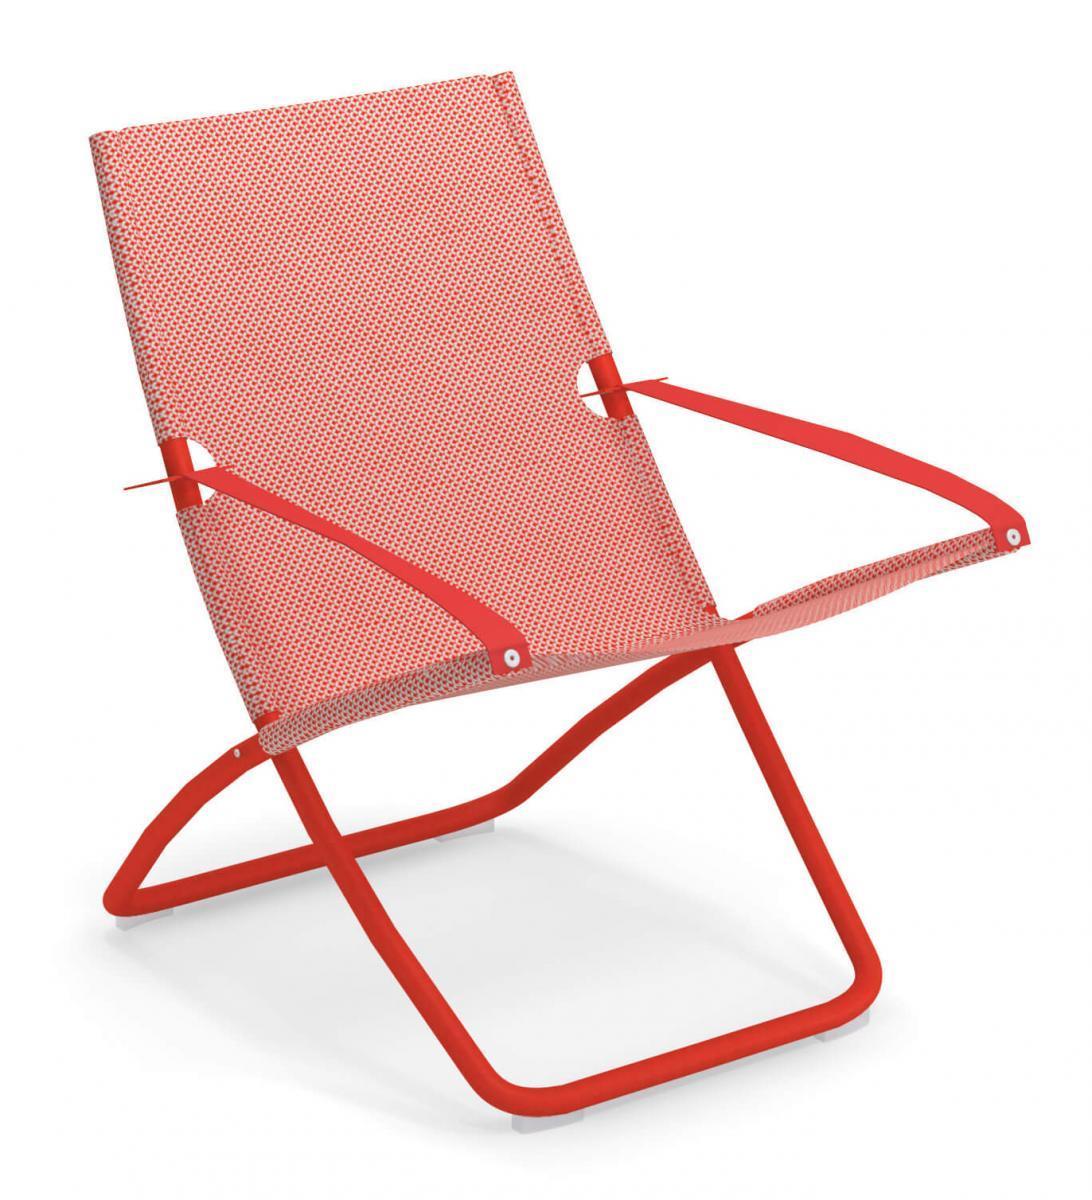 Кресло-шезлонг металлическое Snooze